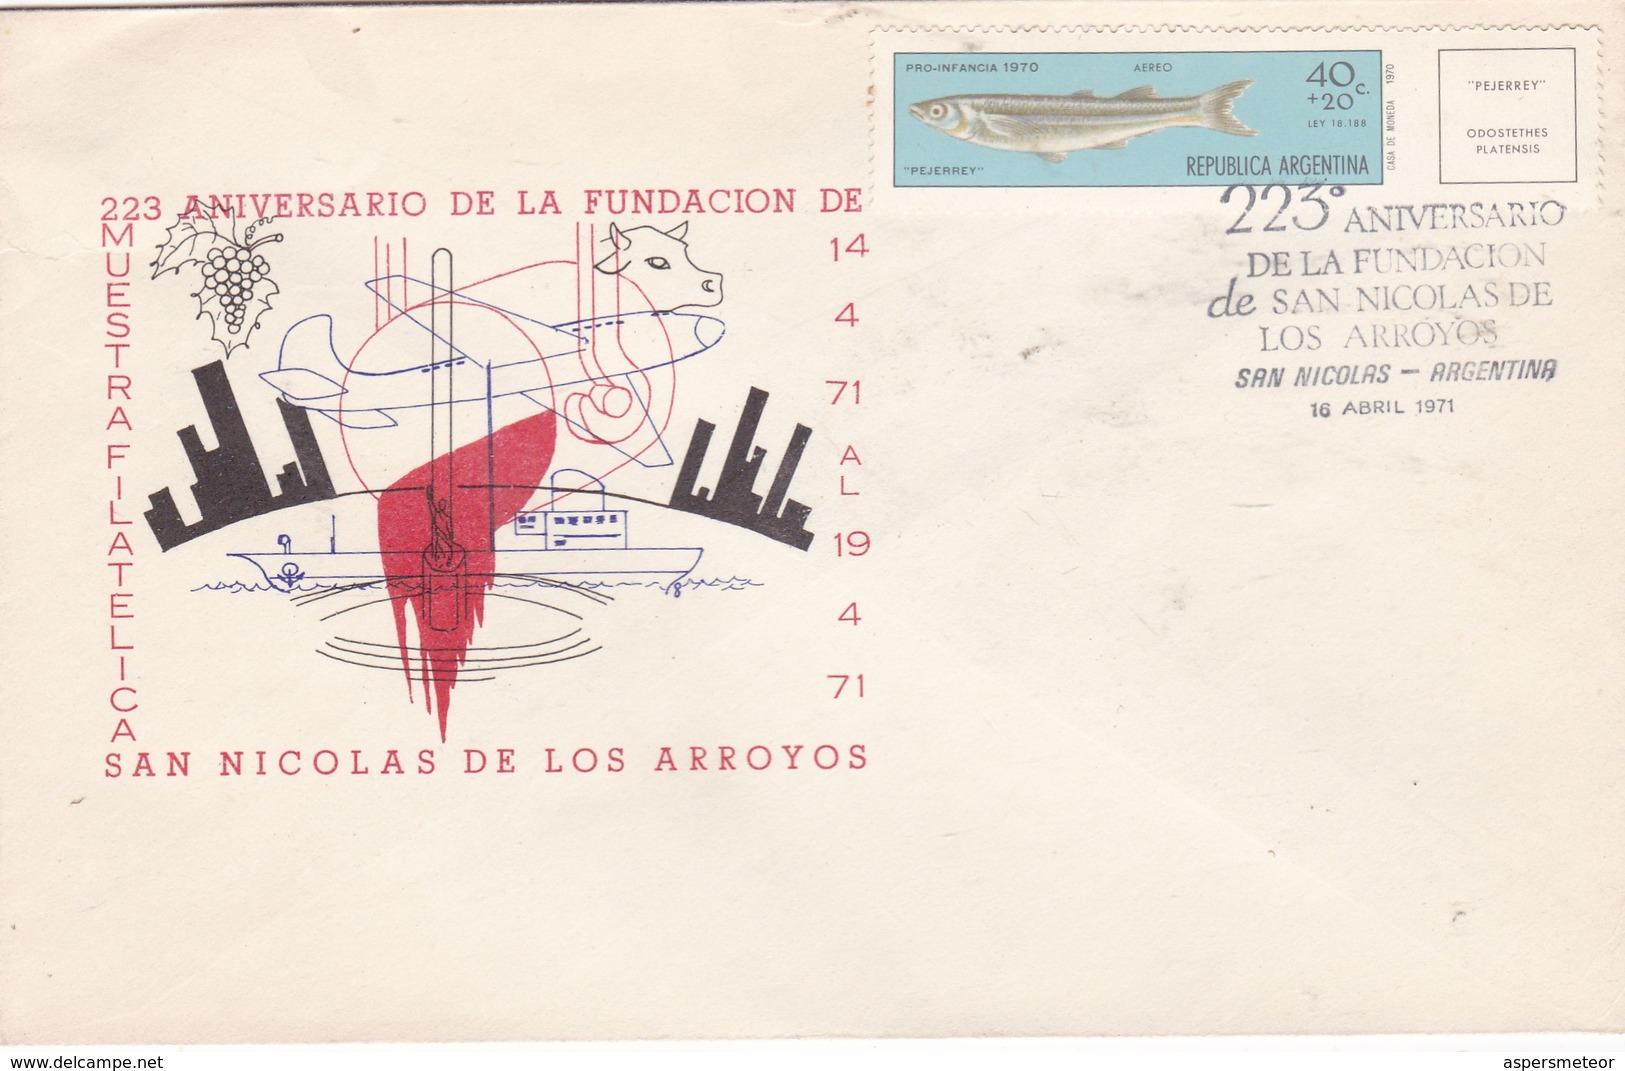 223 ANIVERSARIO FUNDACION DE SAN NICOLAS DE LOS ARROYOS AÑO 1971. SPECIAL COVER - BLEUP - Argentina